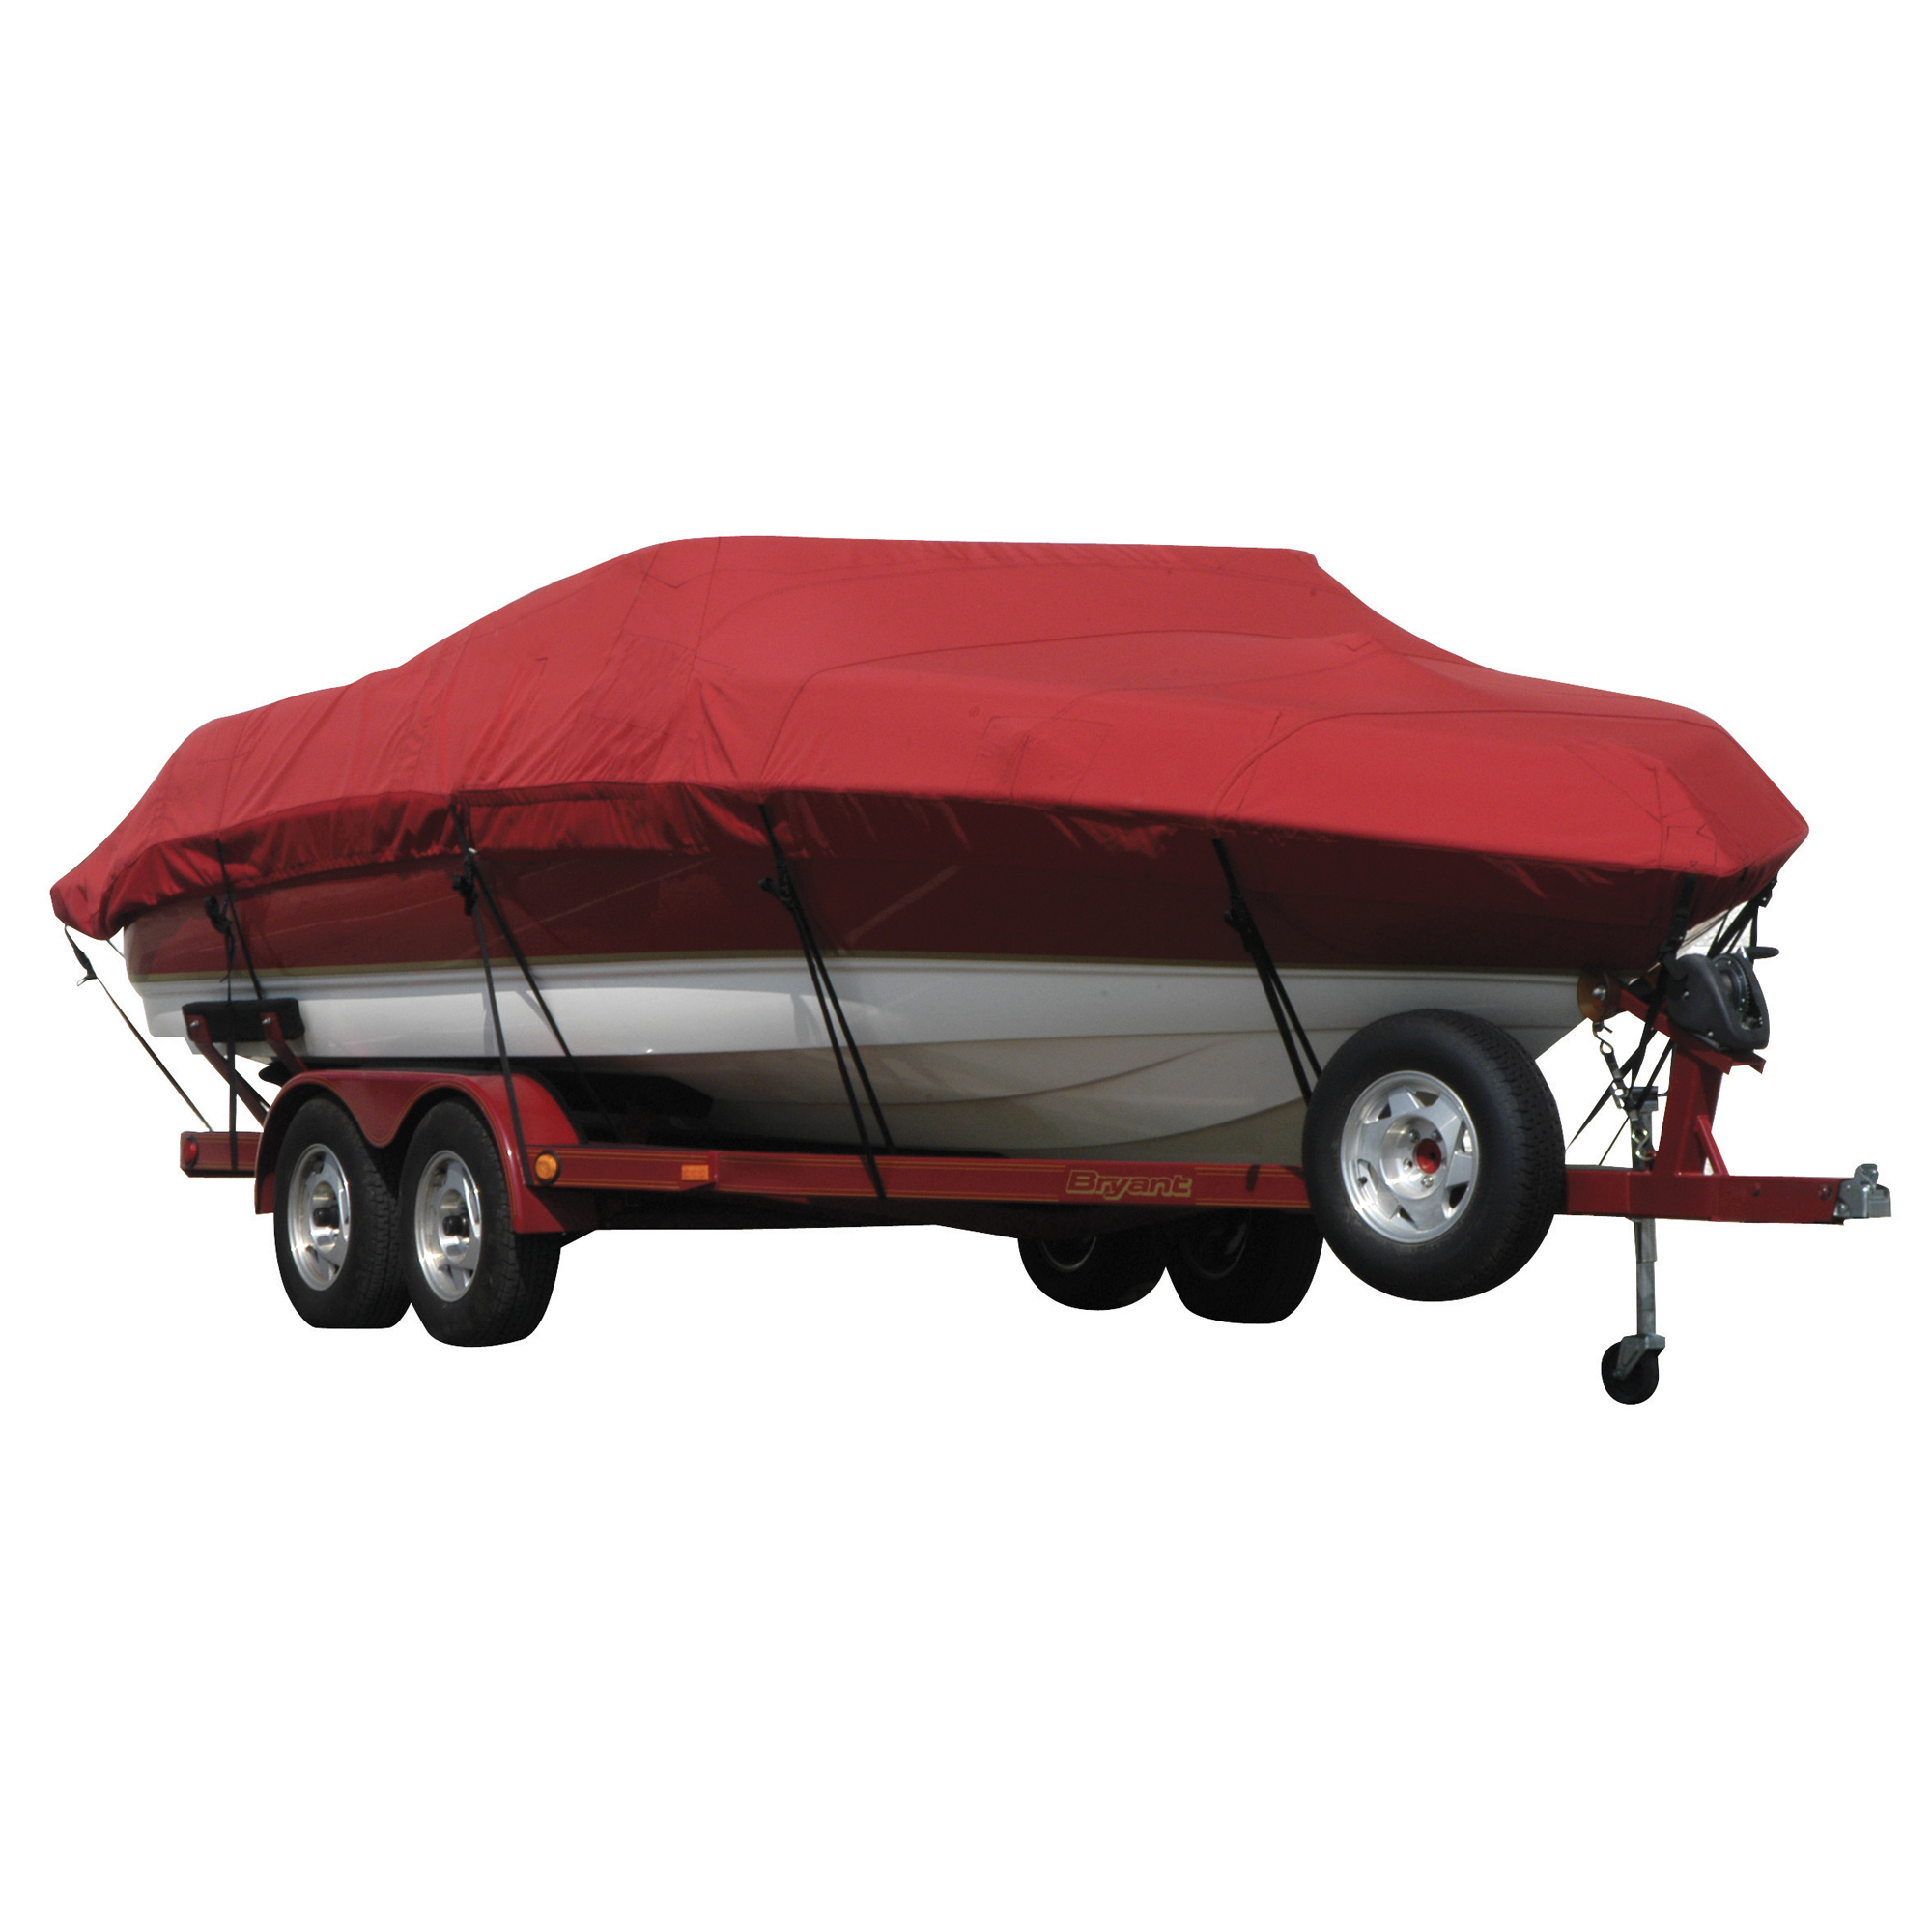 Exact Fit Covermate Sunbrella Boat Cover for Princecraft Super Pro 176 Super Pro 176 Fish N Promenade W/Ski Rope Guard O/B. Red